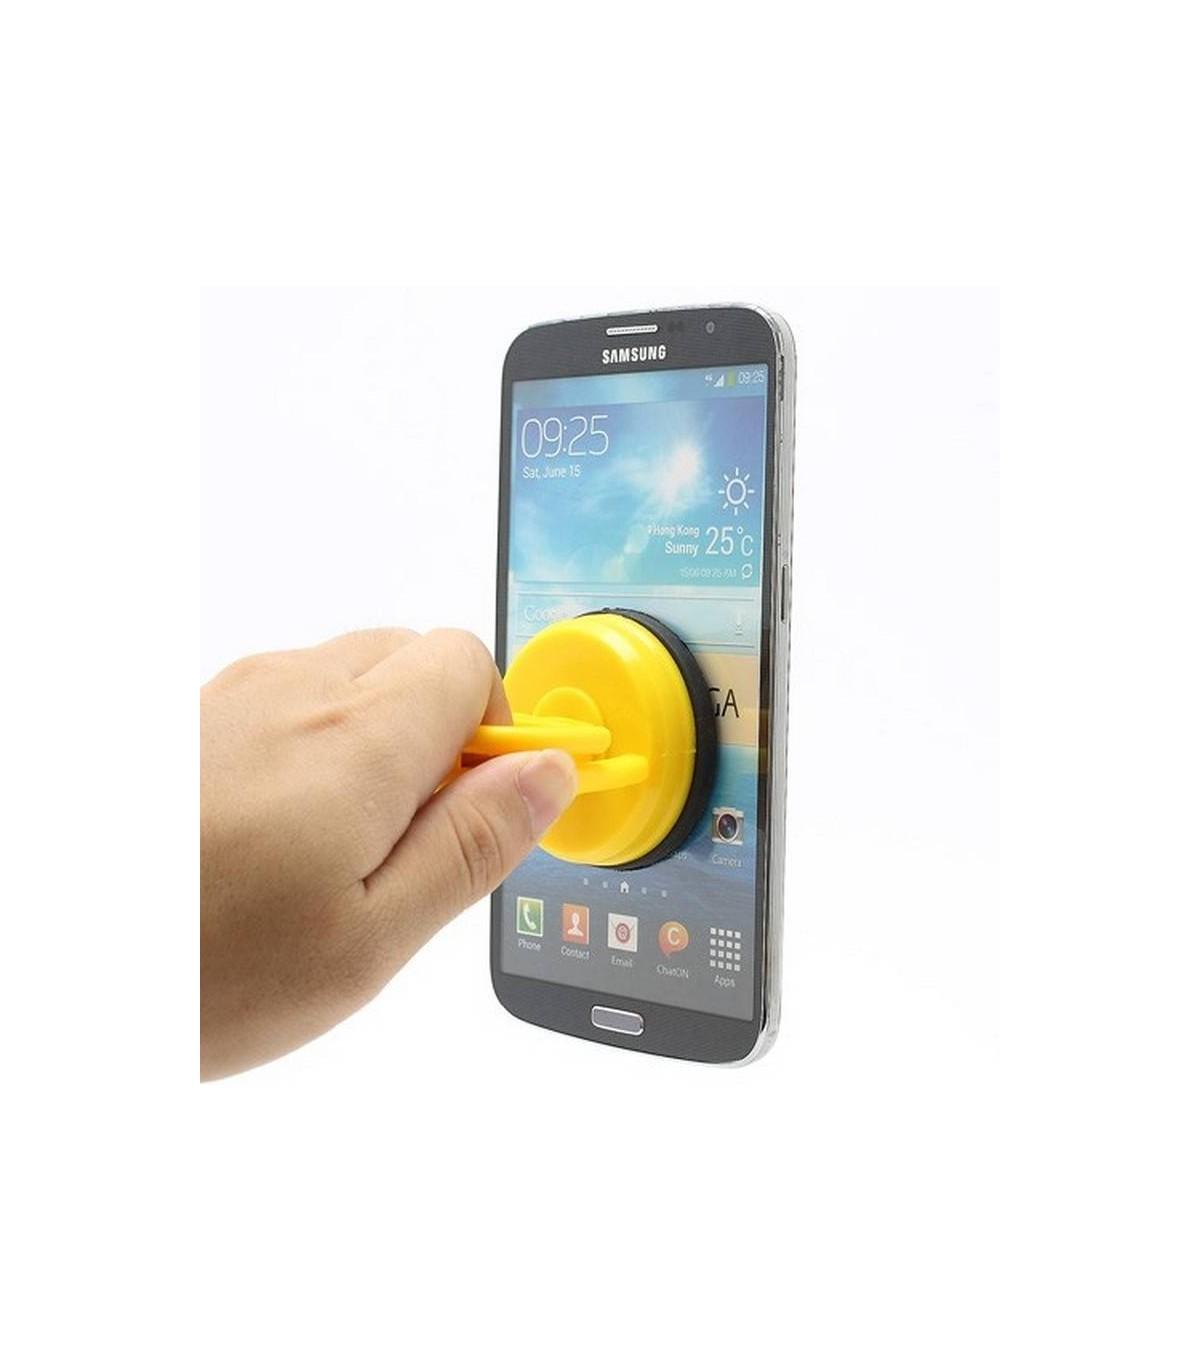 Herramienta para el extractor del vidrio en color amarillo. Tamaño 5,8 x 6,5cm